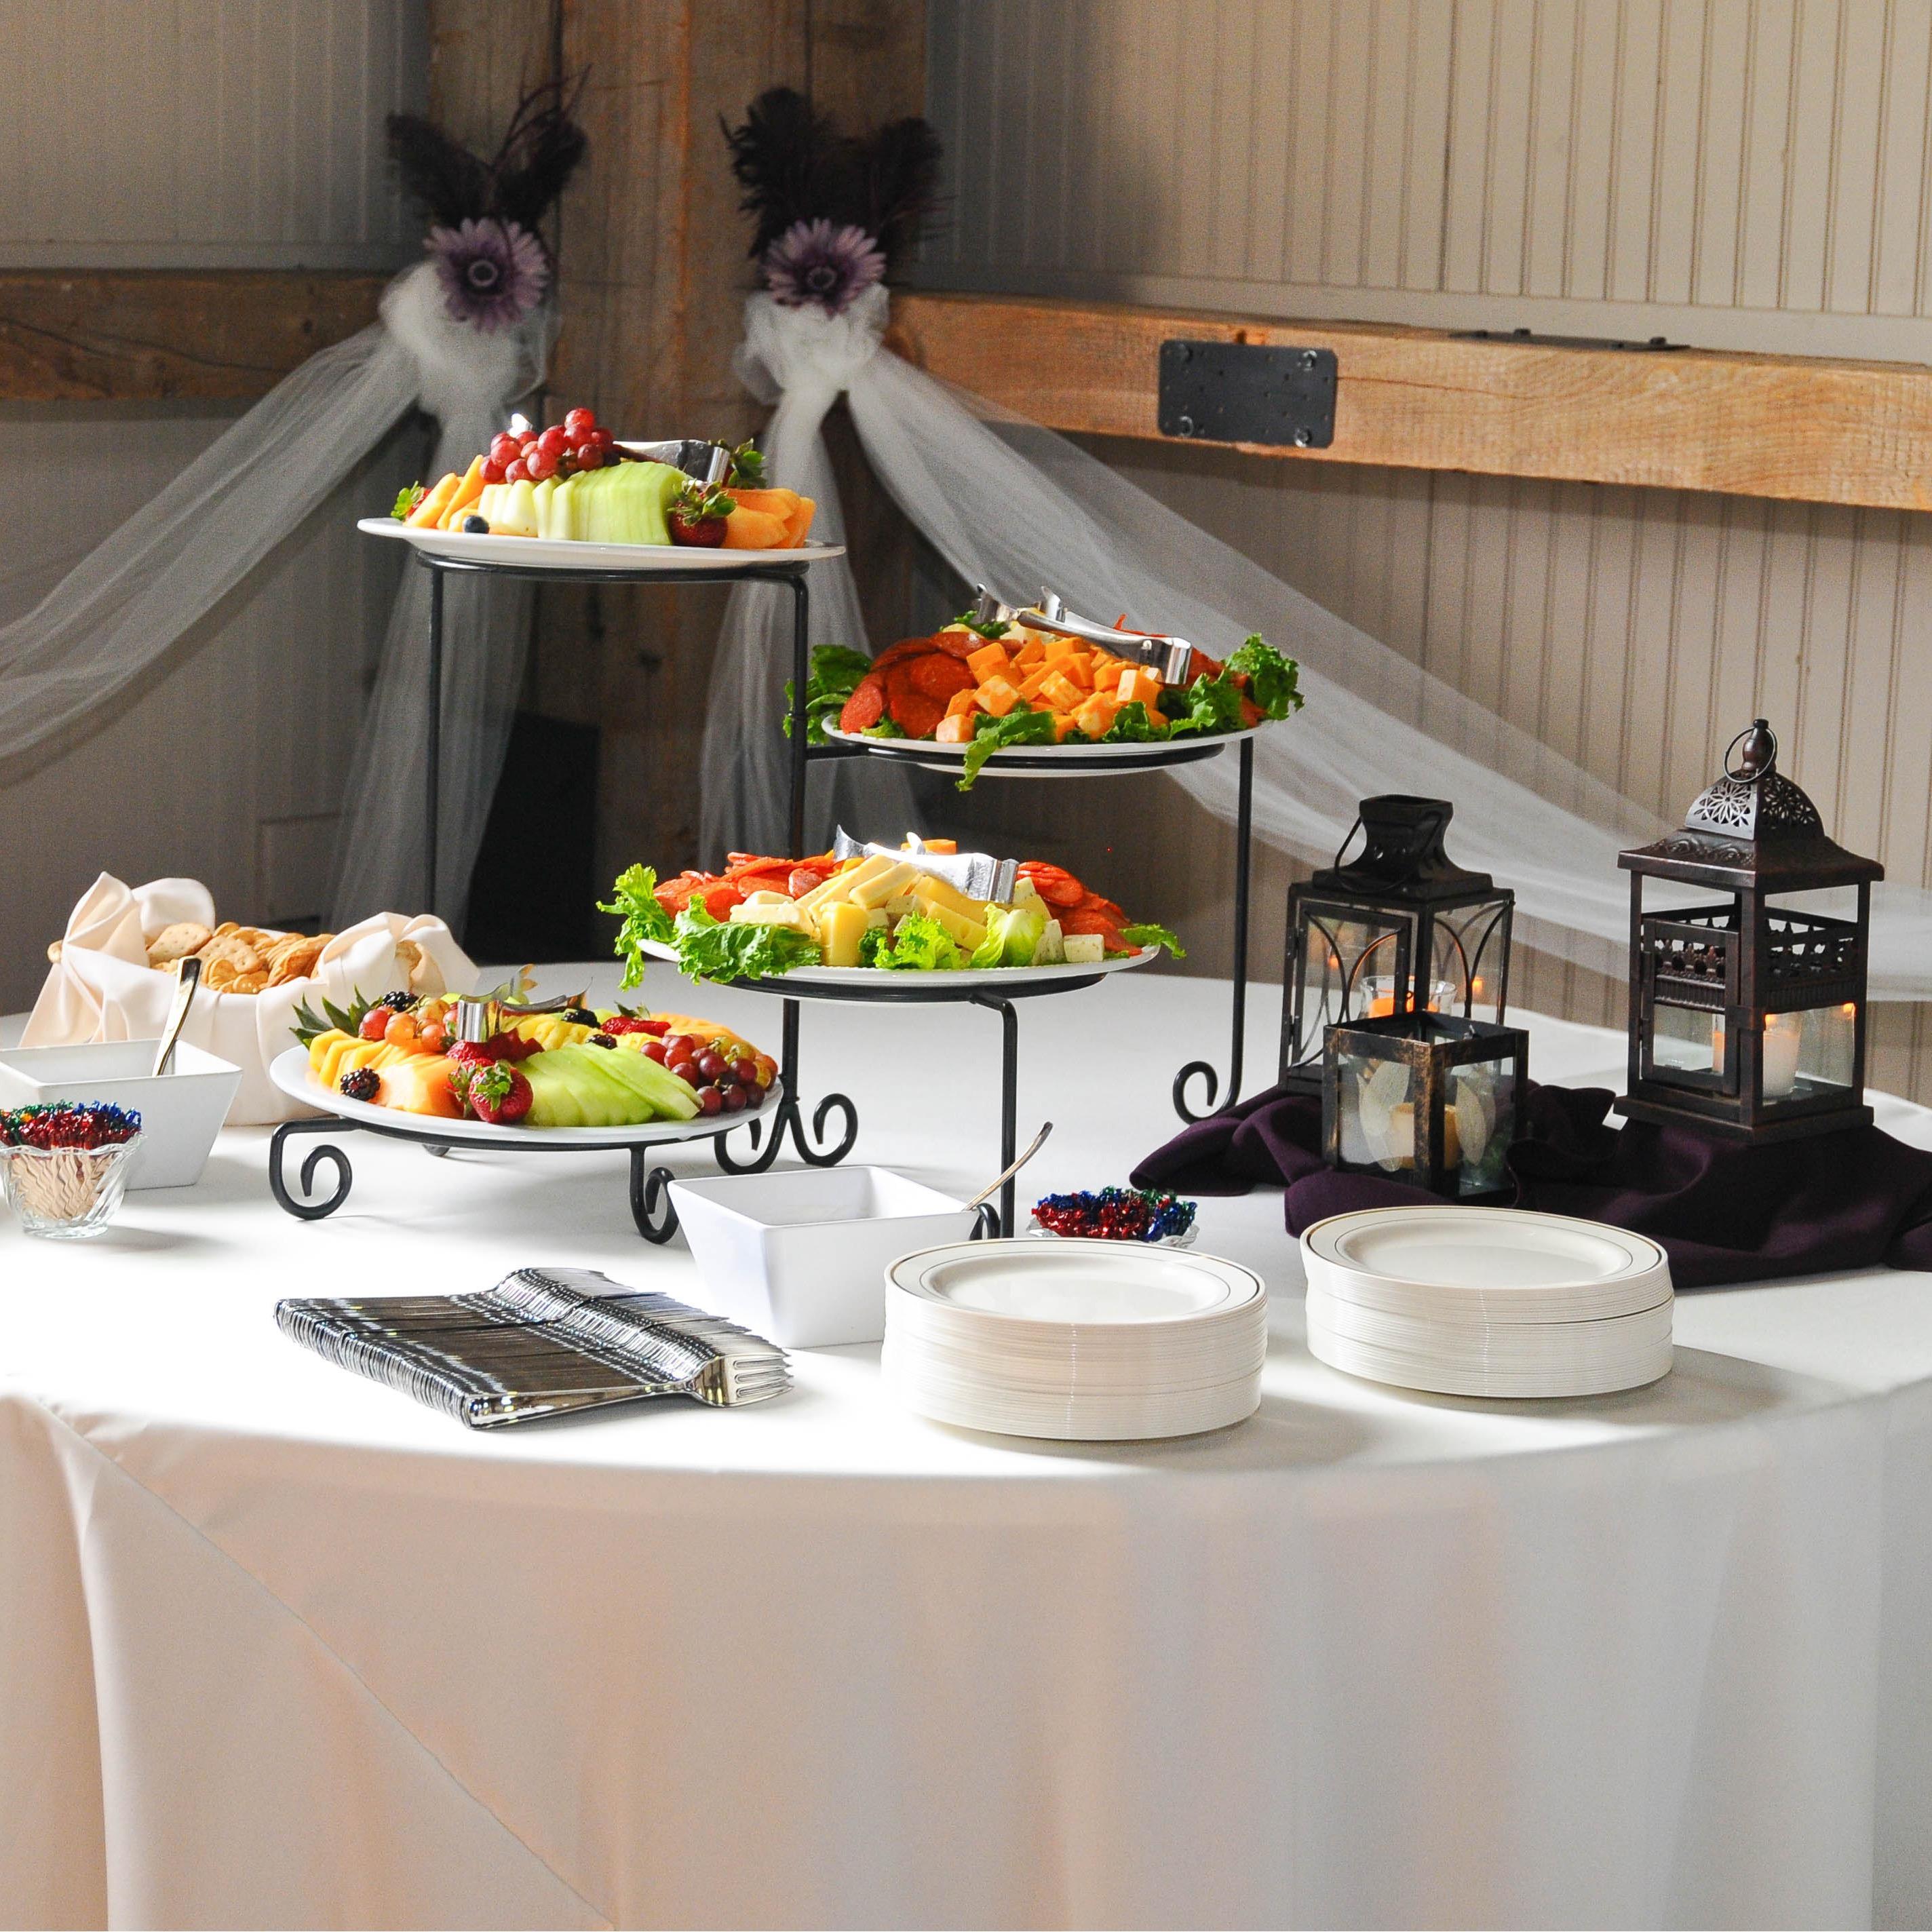 Vonderhaar's Catering, Inc. image 14